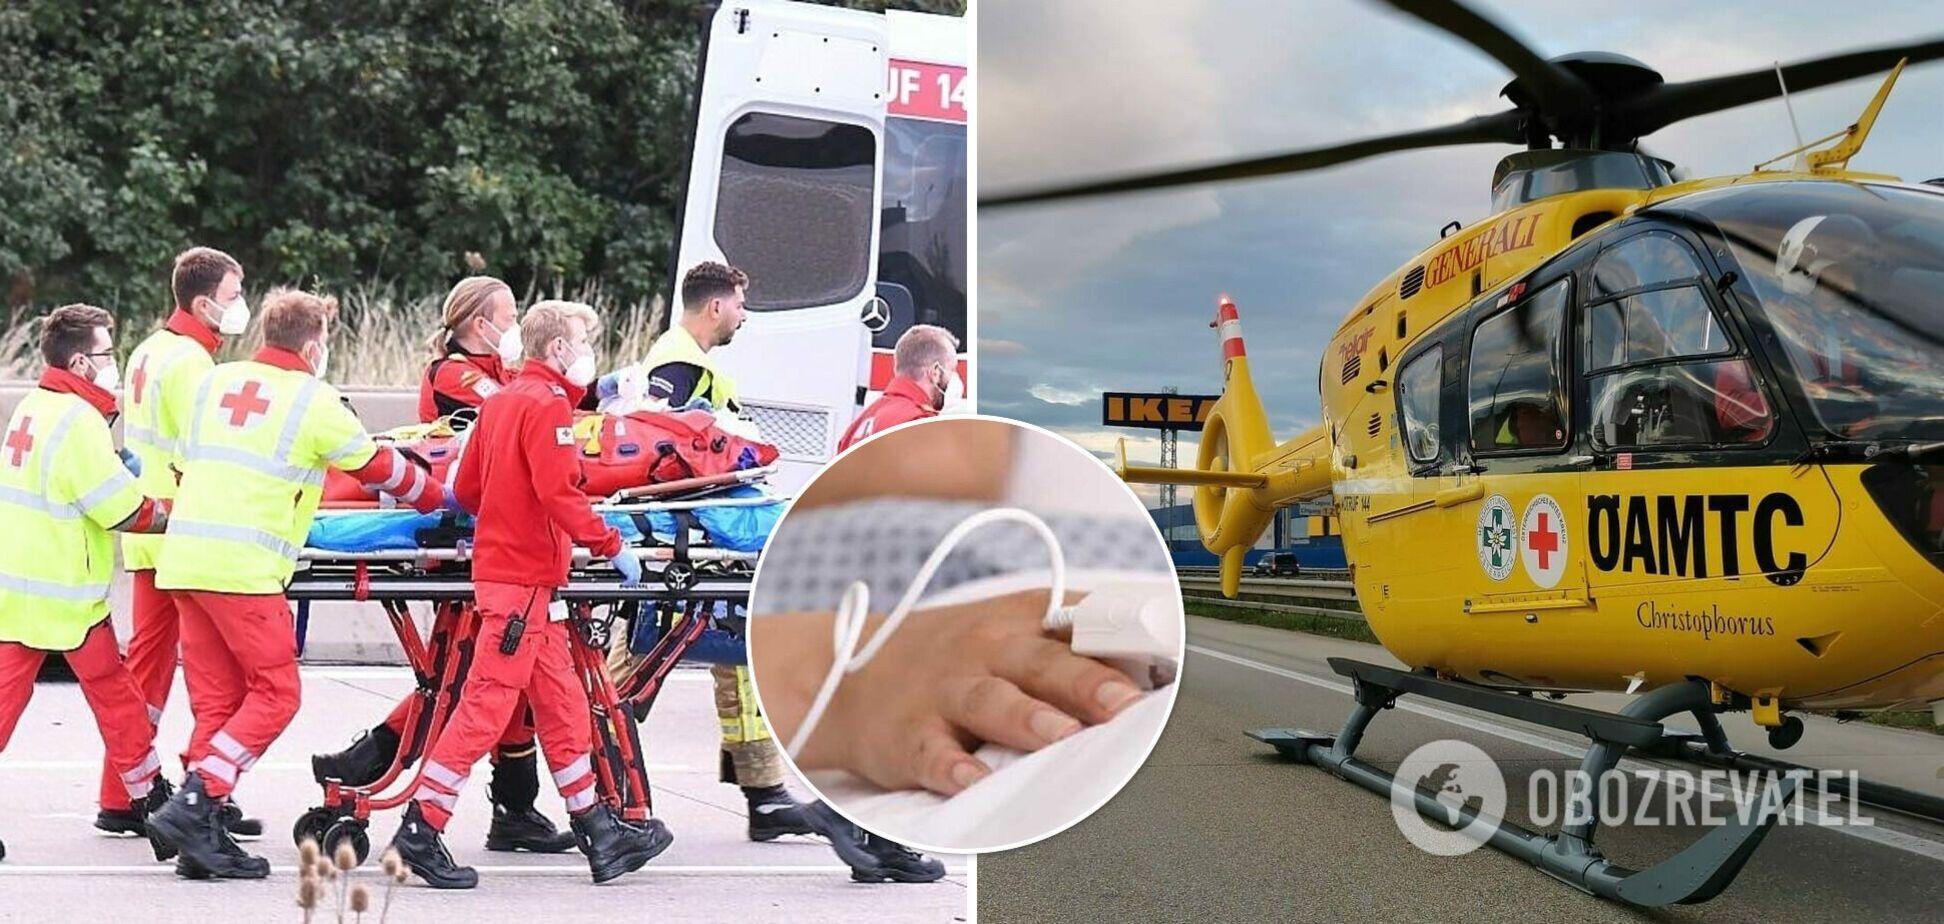 В Австрии семья из Украины попала в ДТП, погибли двое детей. Фото и все подробности